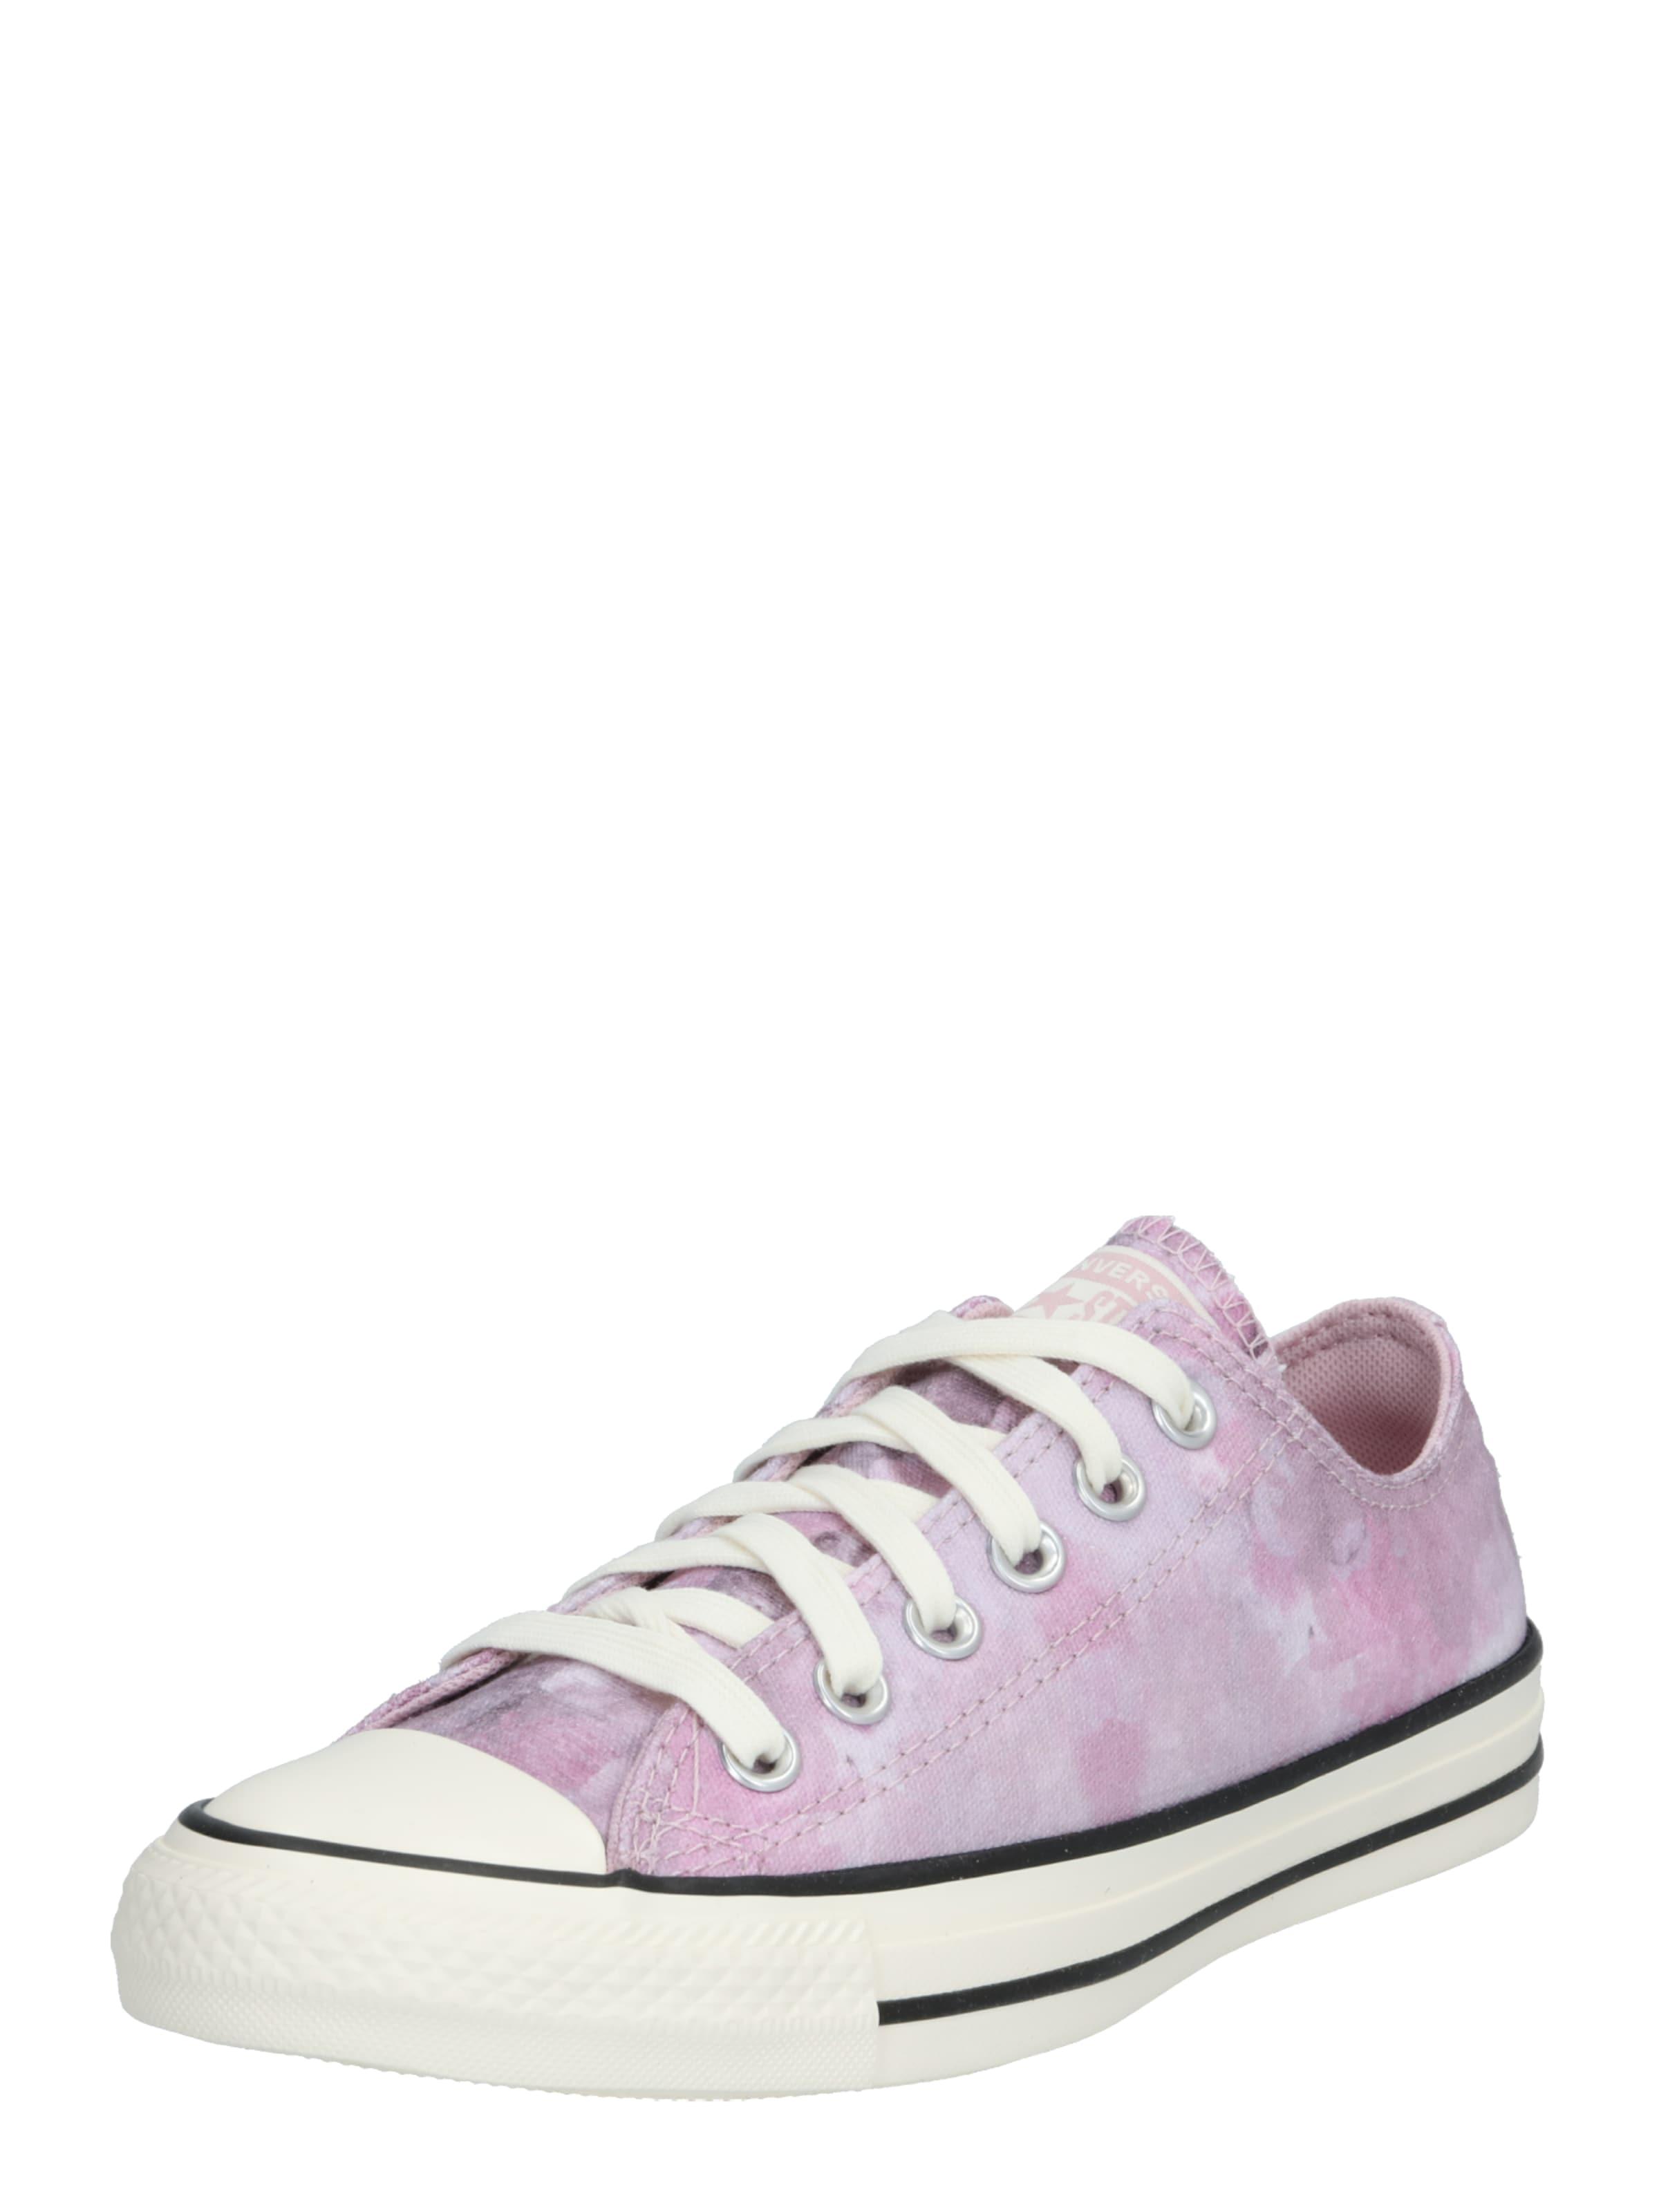 CONVERSE Rövid szárú edzőcipők 'CHUCK TAYLOR ALL STAR - OX' vegyes színek színben